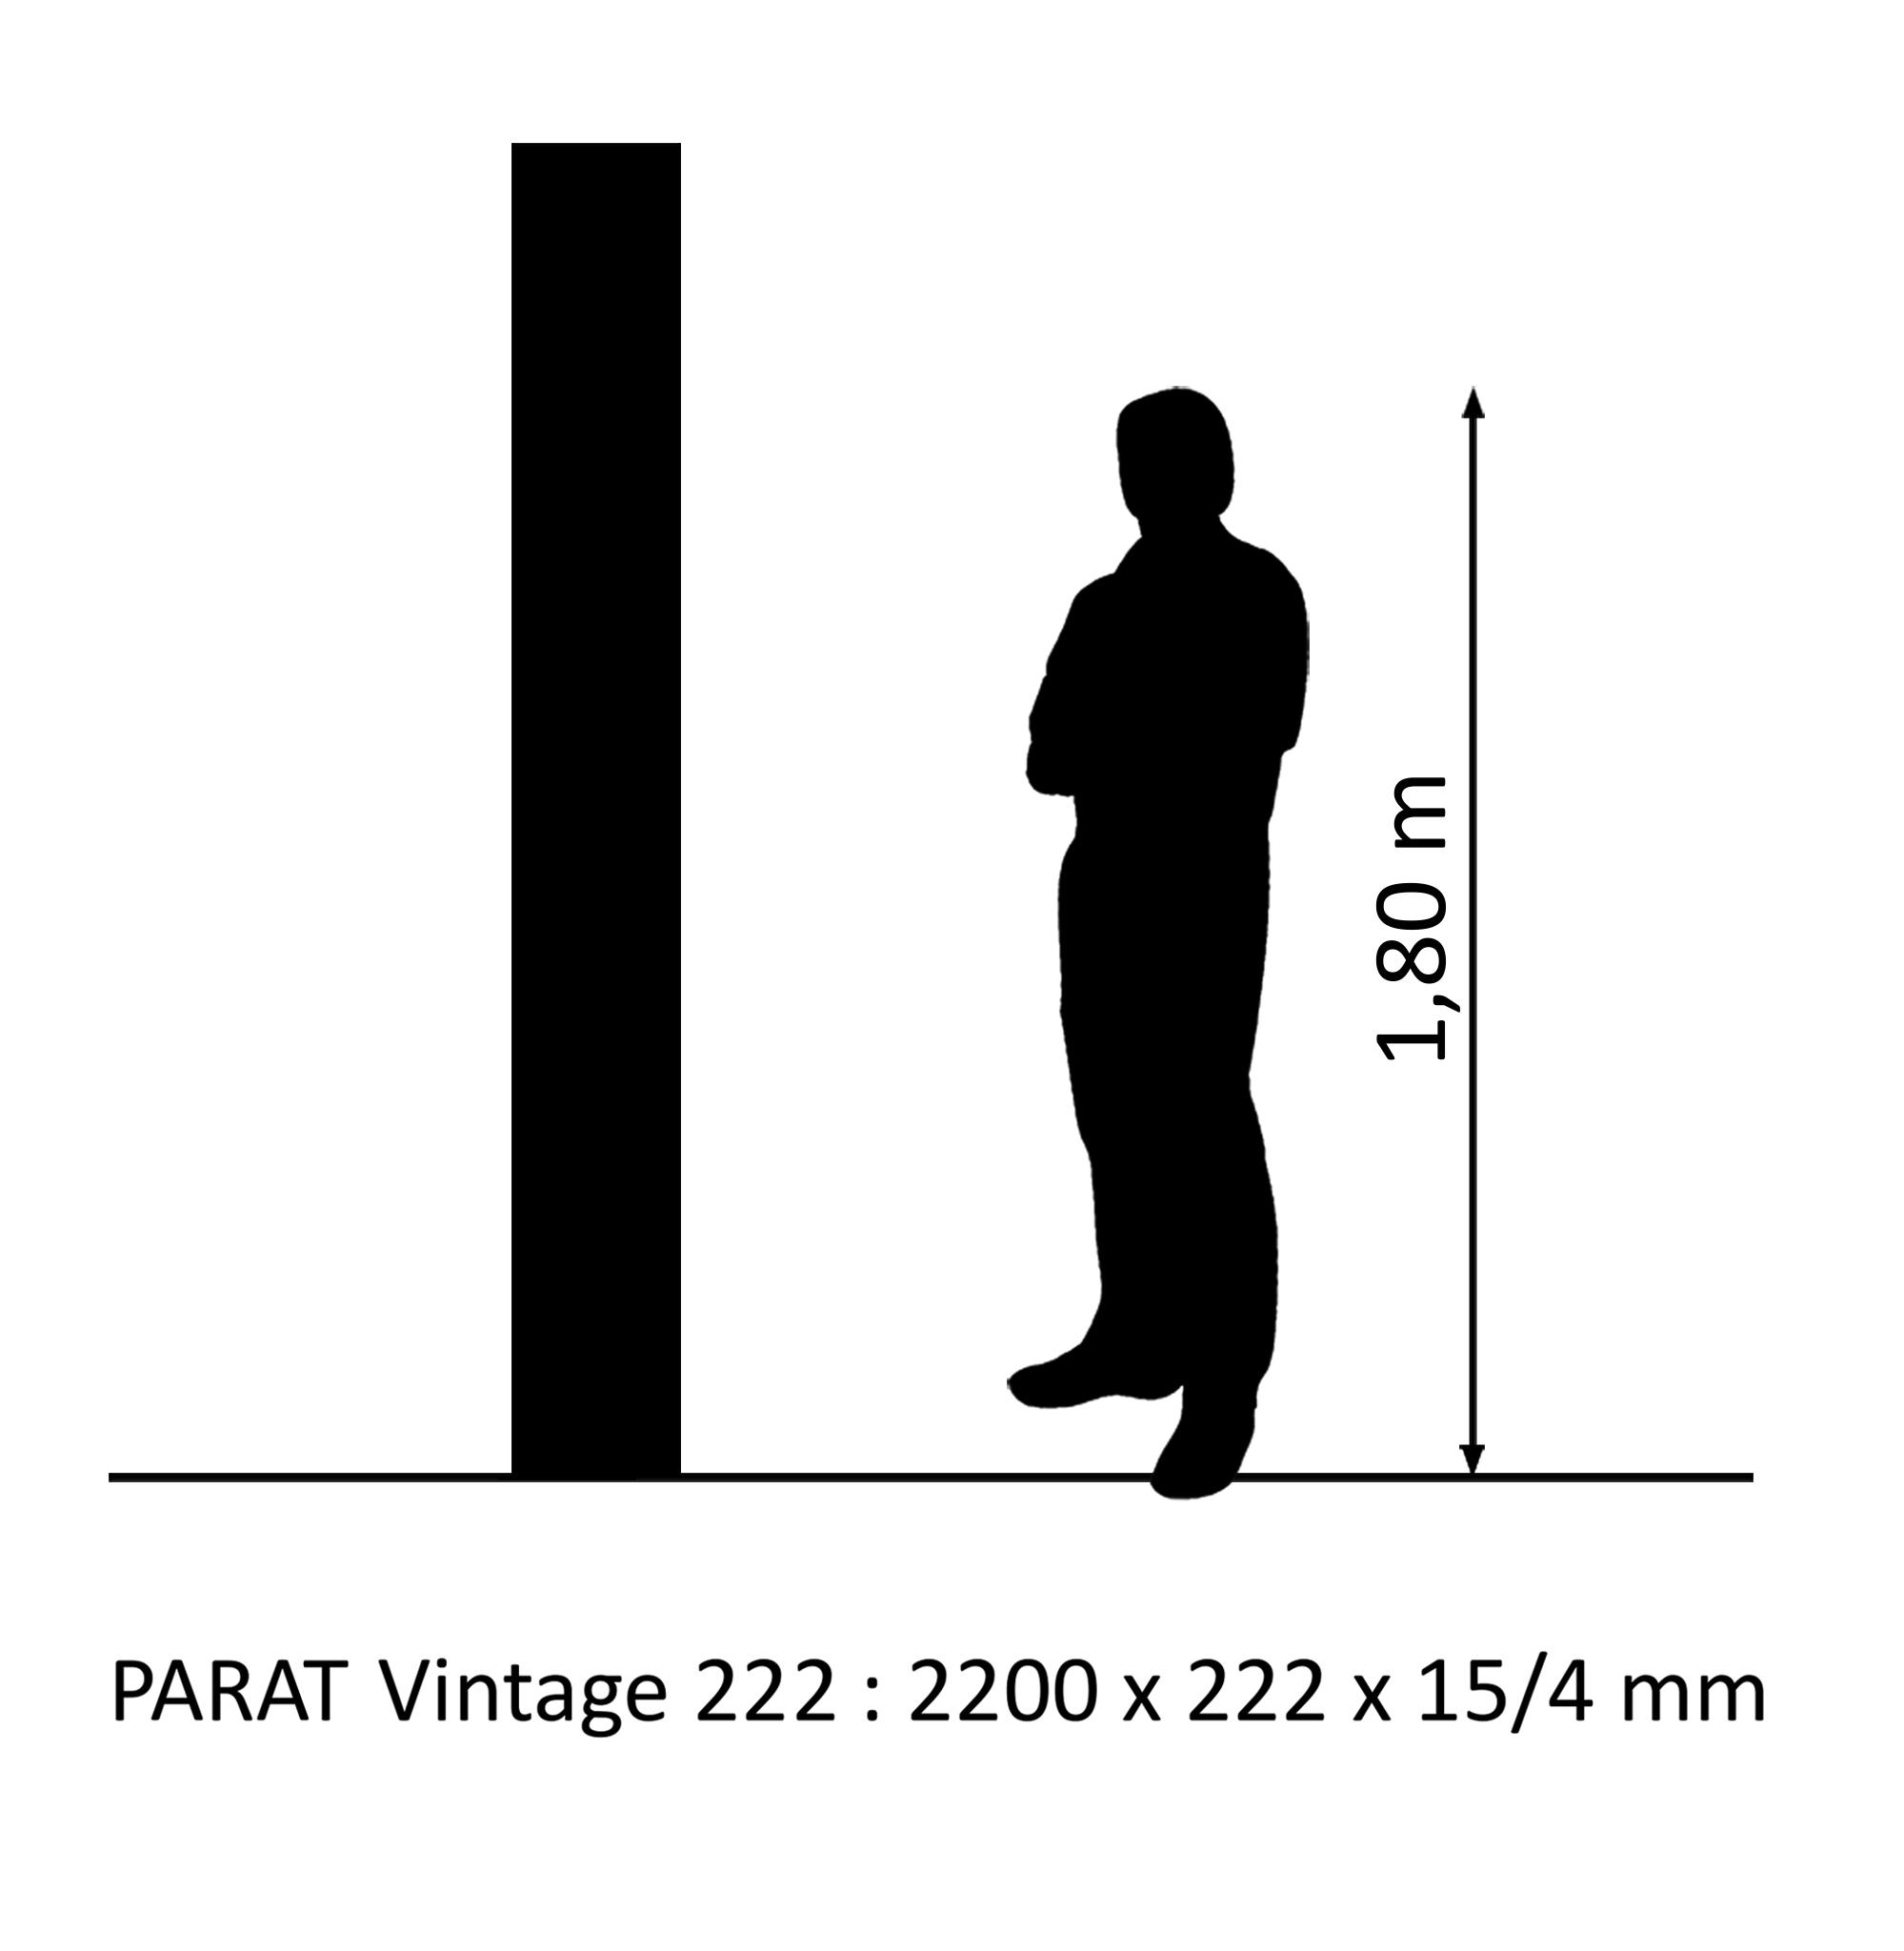 PARAT Vintage222 RäuchereicheEffektABCD